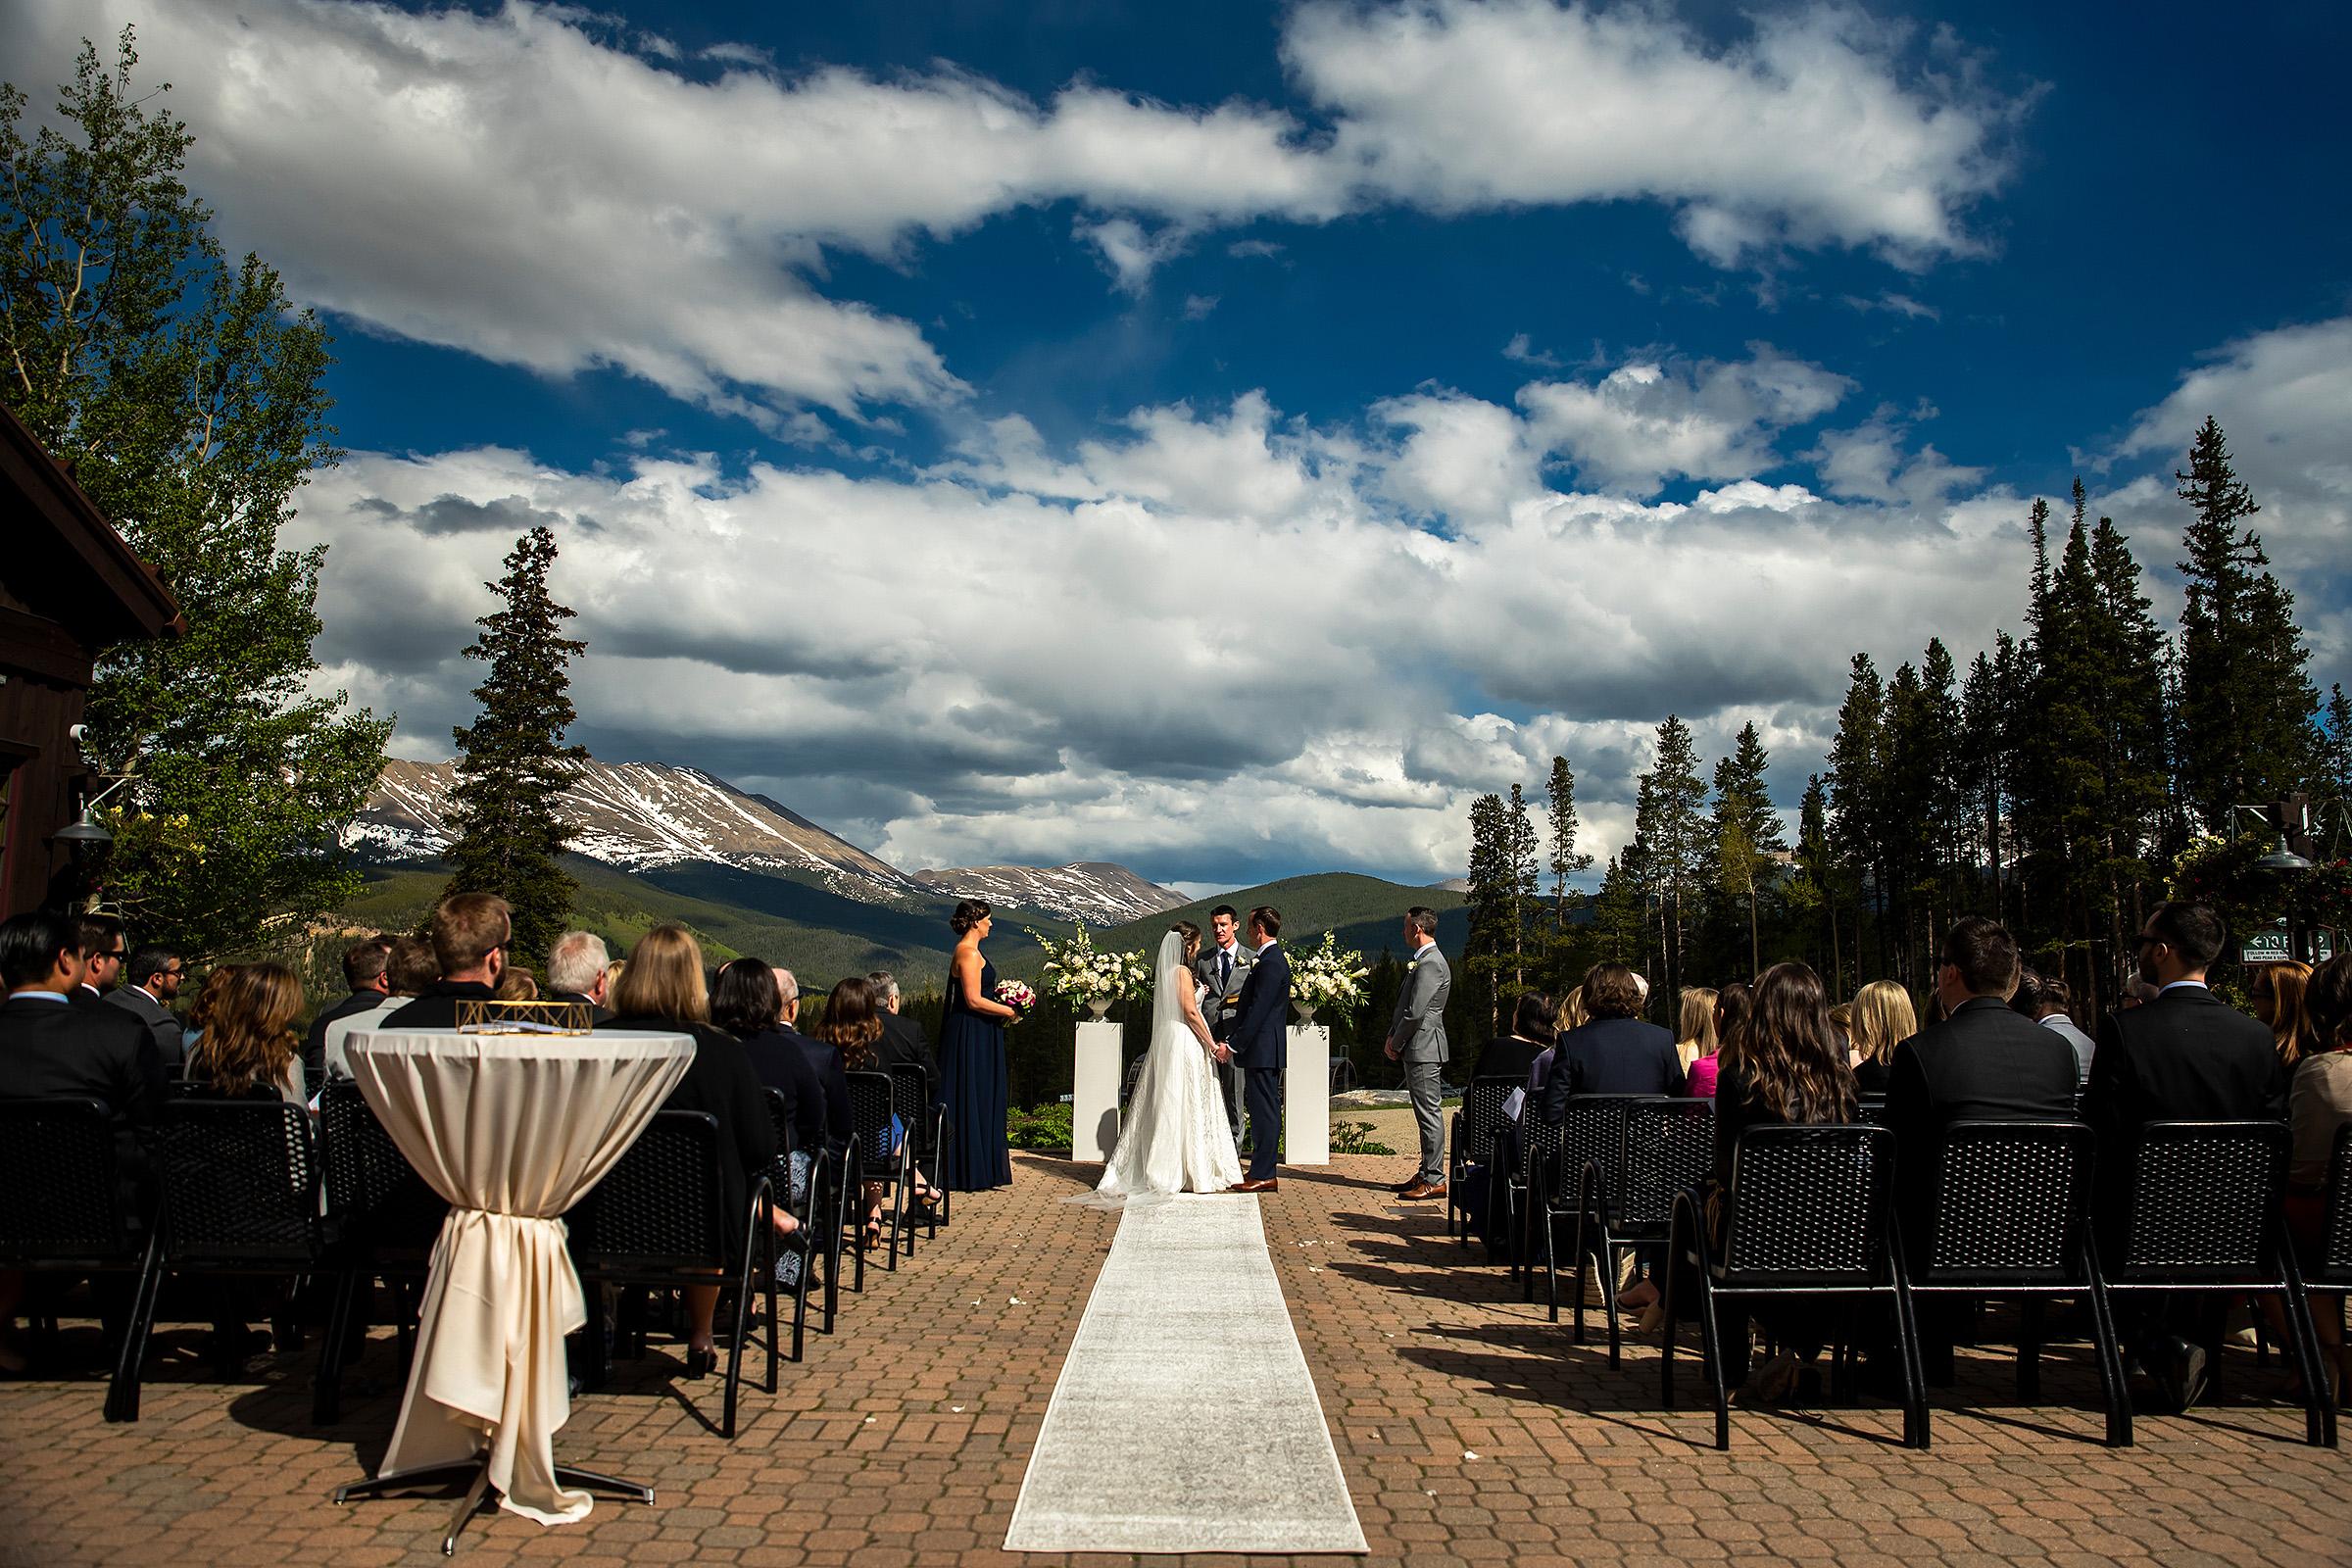 Wedding Ceremony at Tenmile Station Colorado - photo by J. La Plante Photo